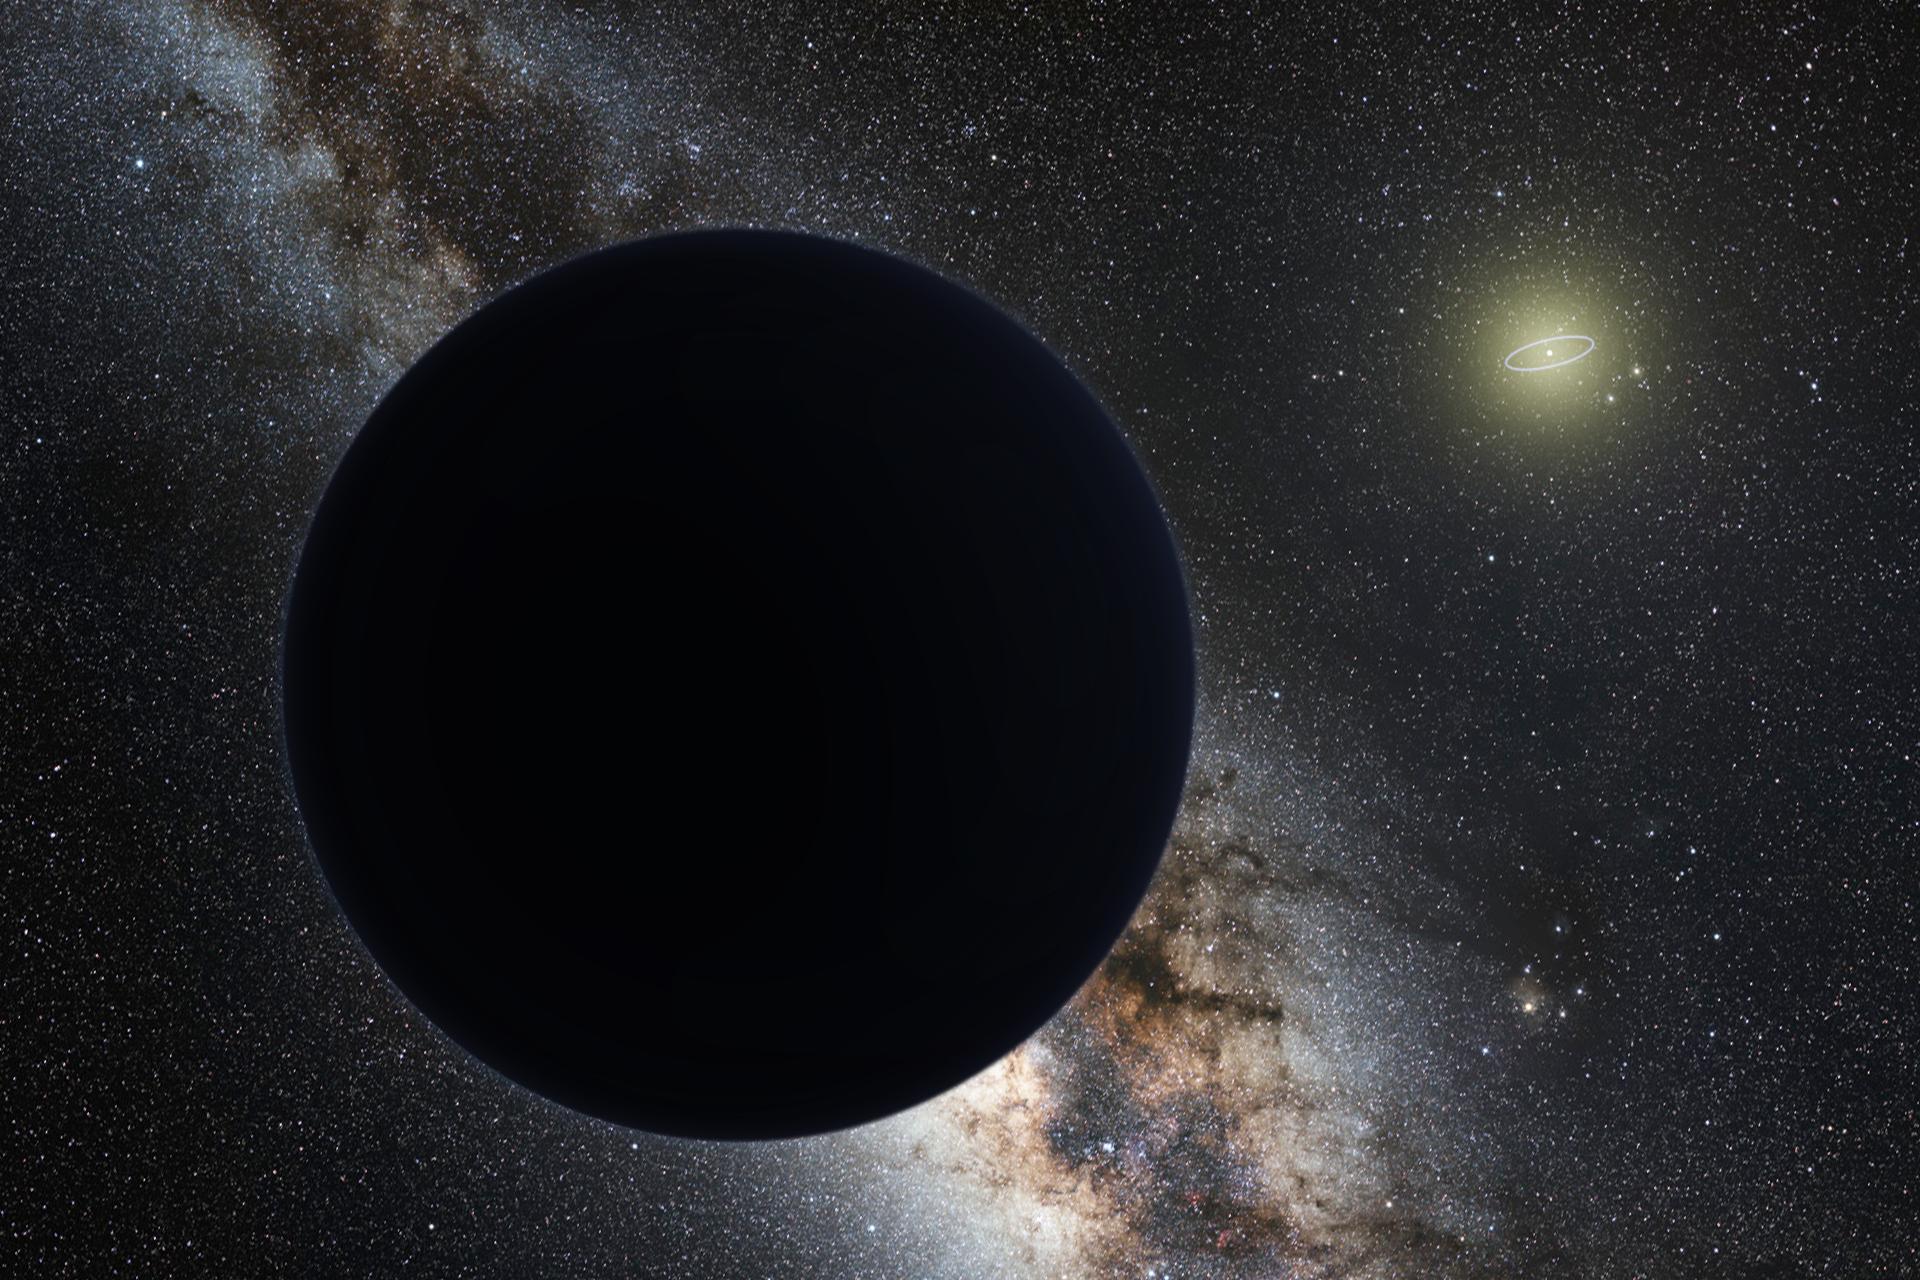 Umjetnička impresija devetog planeta u Sunčevom sustavu. Izvor: Wikimedia Commons.